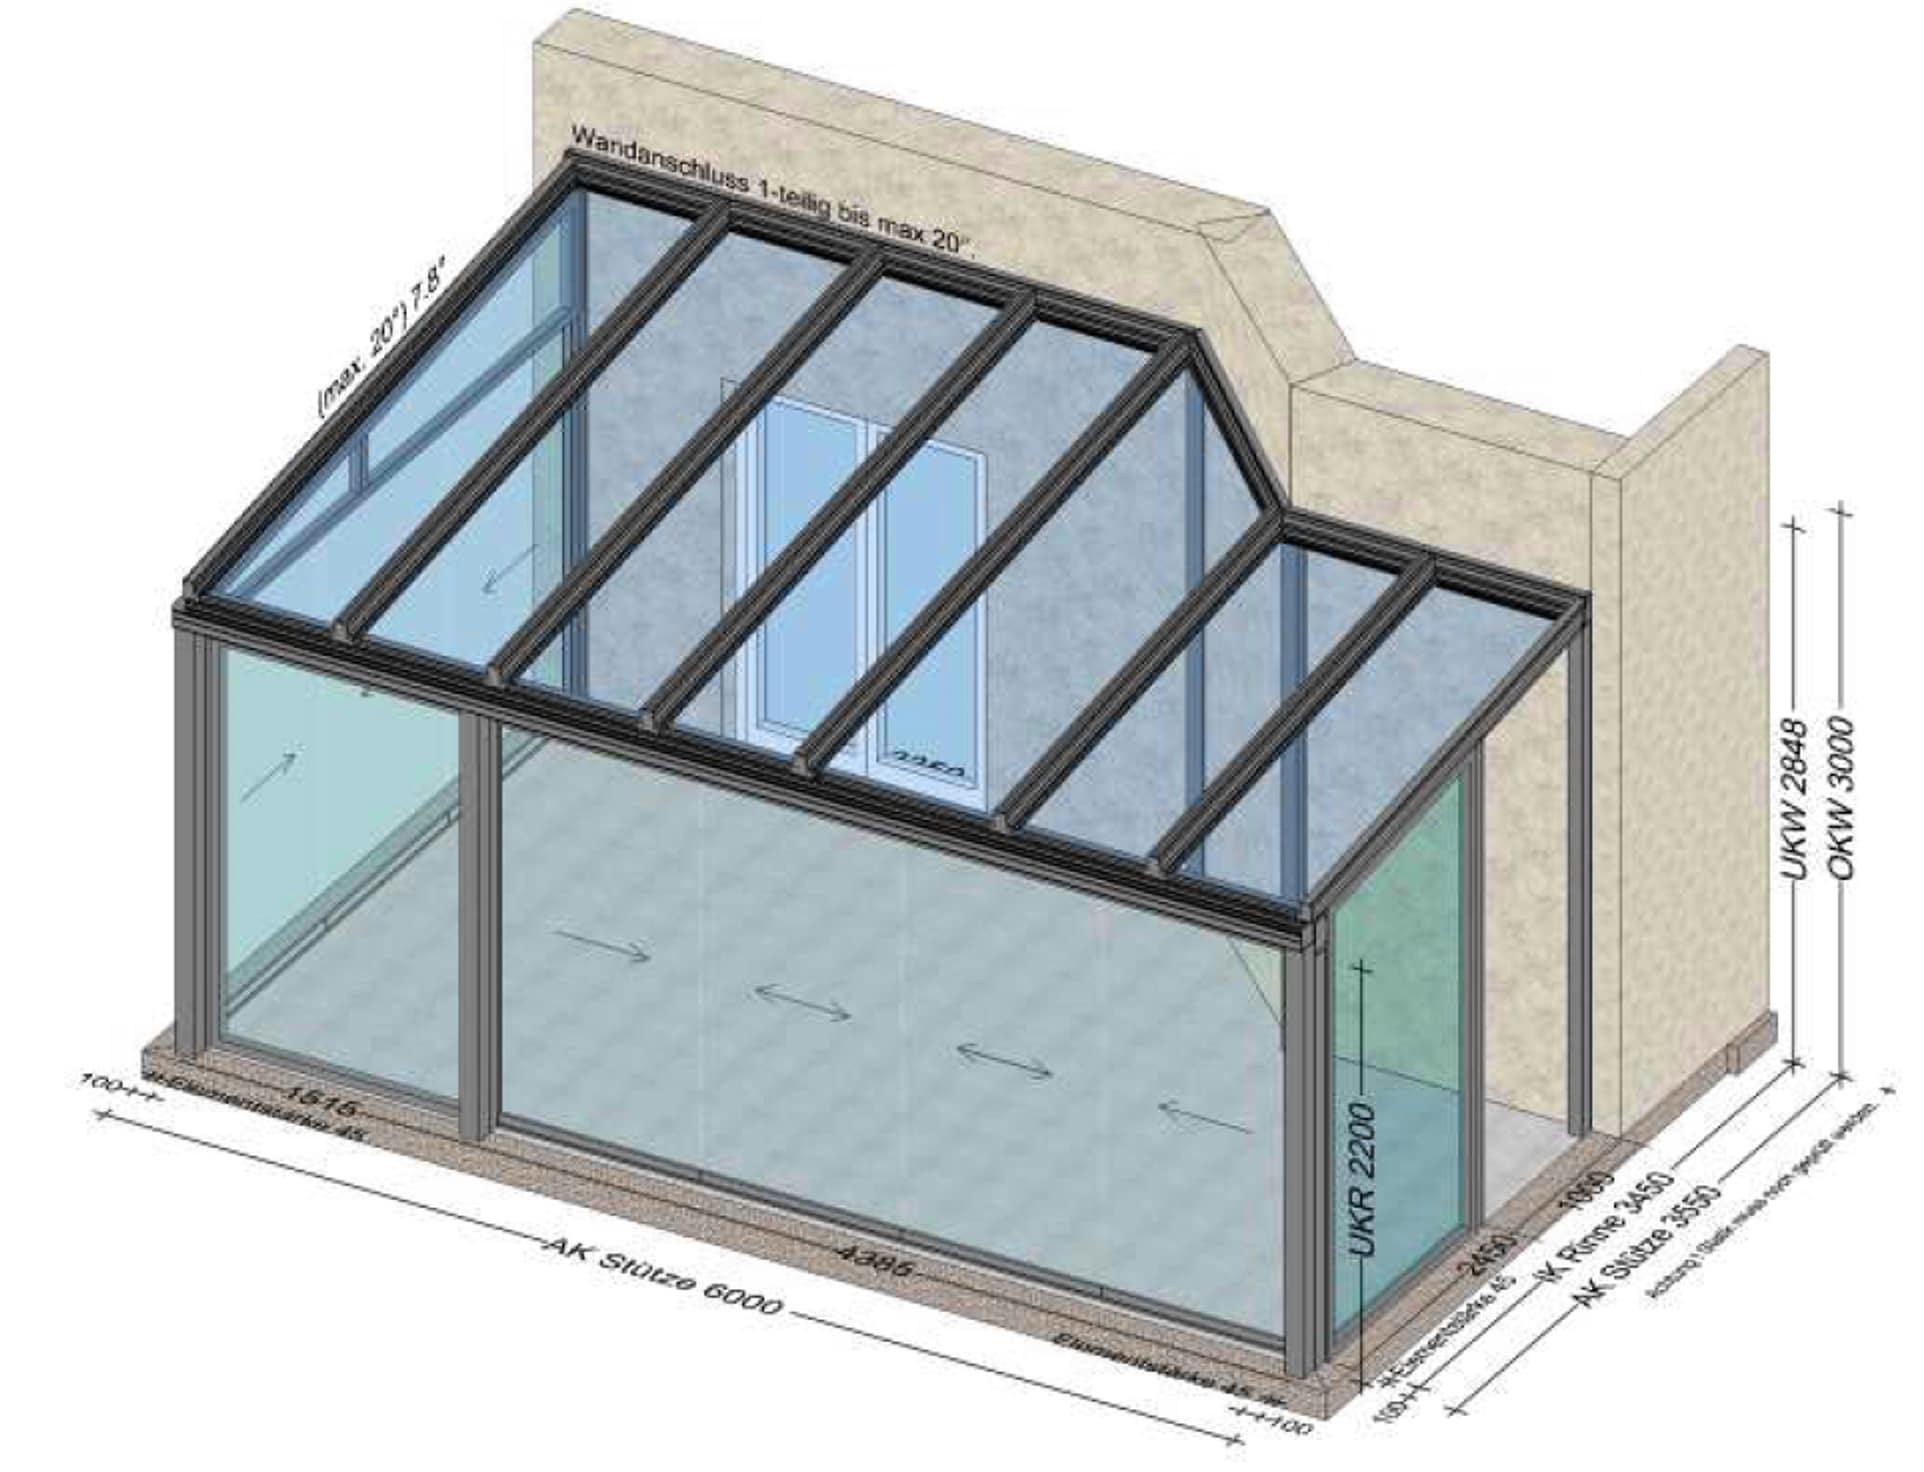 Wintergarten mit modernen Glasschiebetüren - Planung Leonding / Oberösterreich OÖ